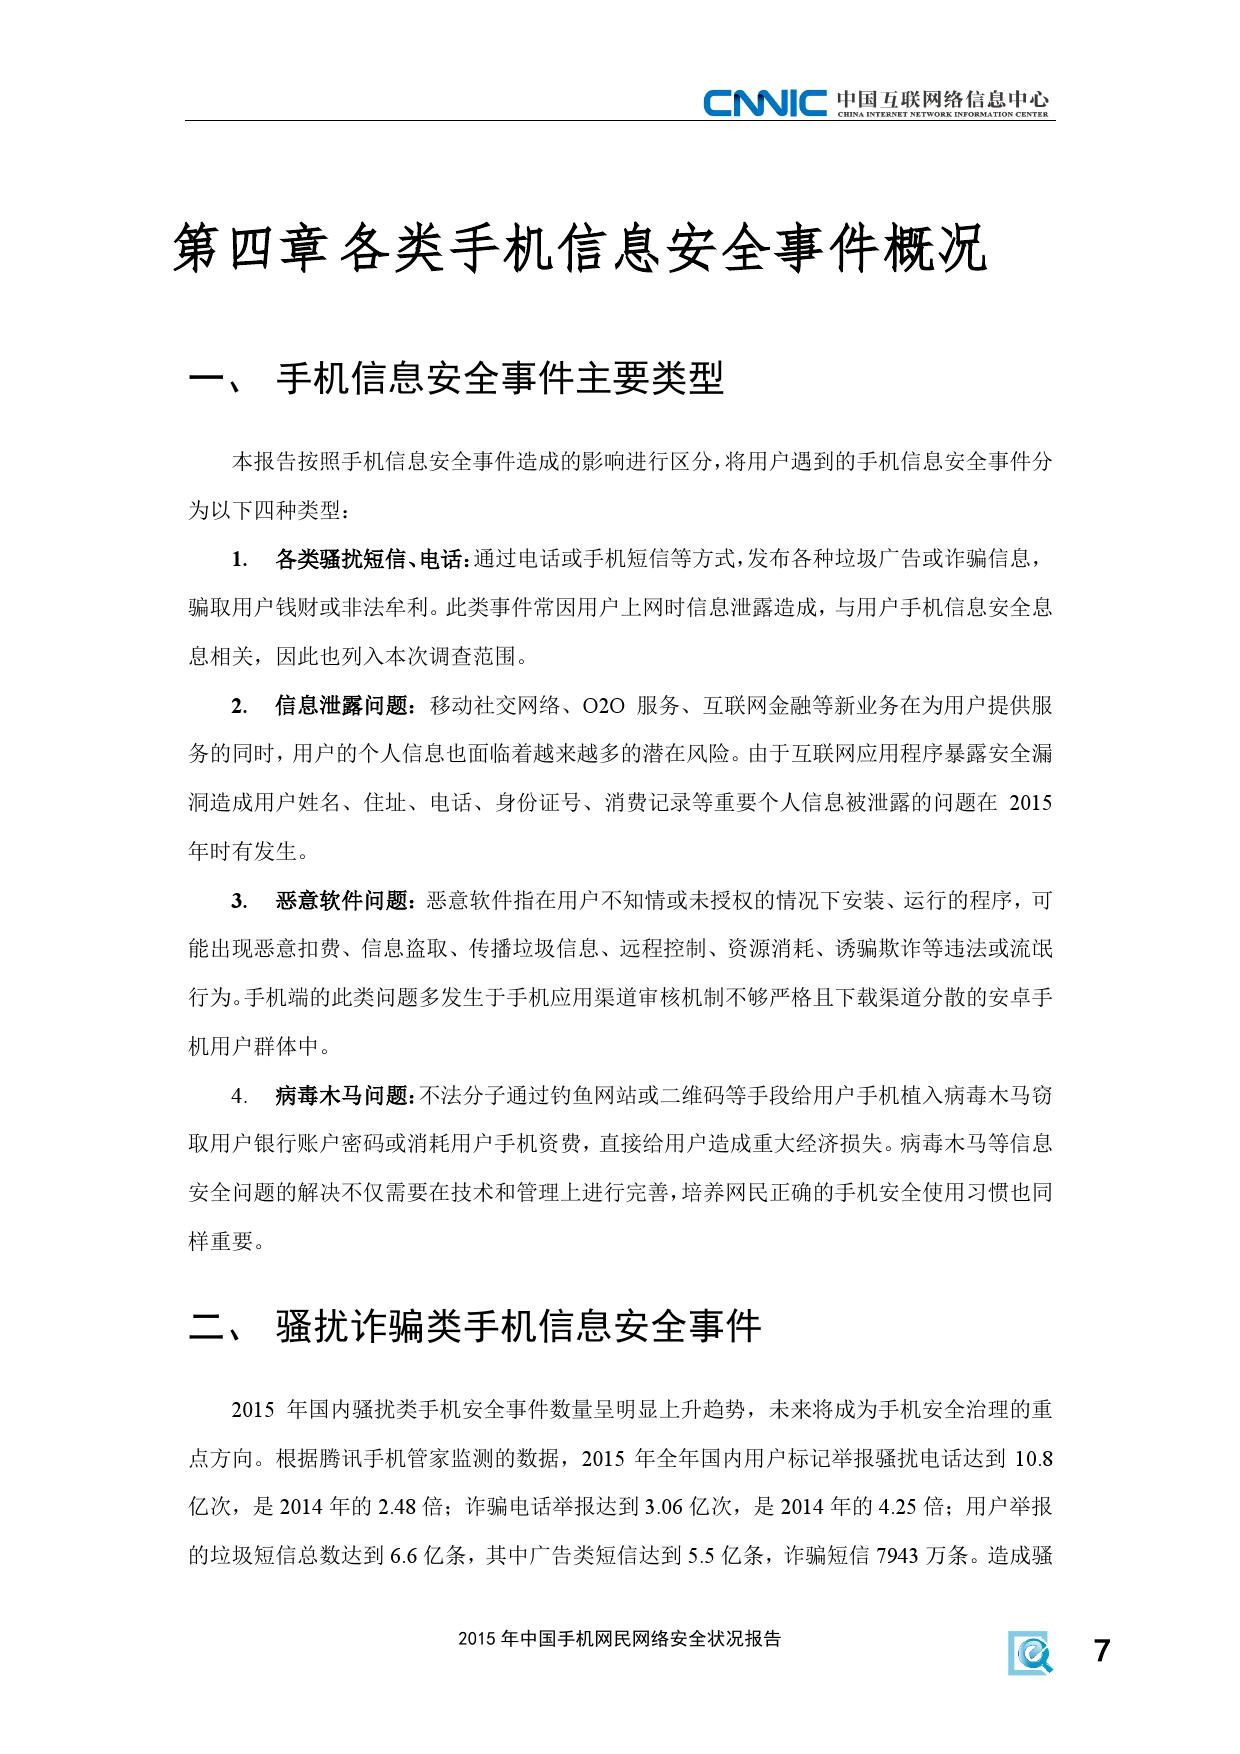 2015年中国手机网民网络安全状况报告_000013